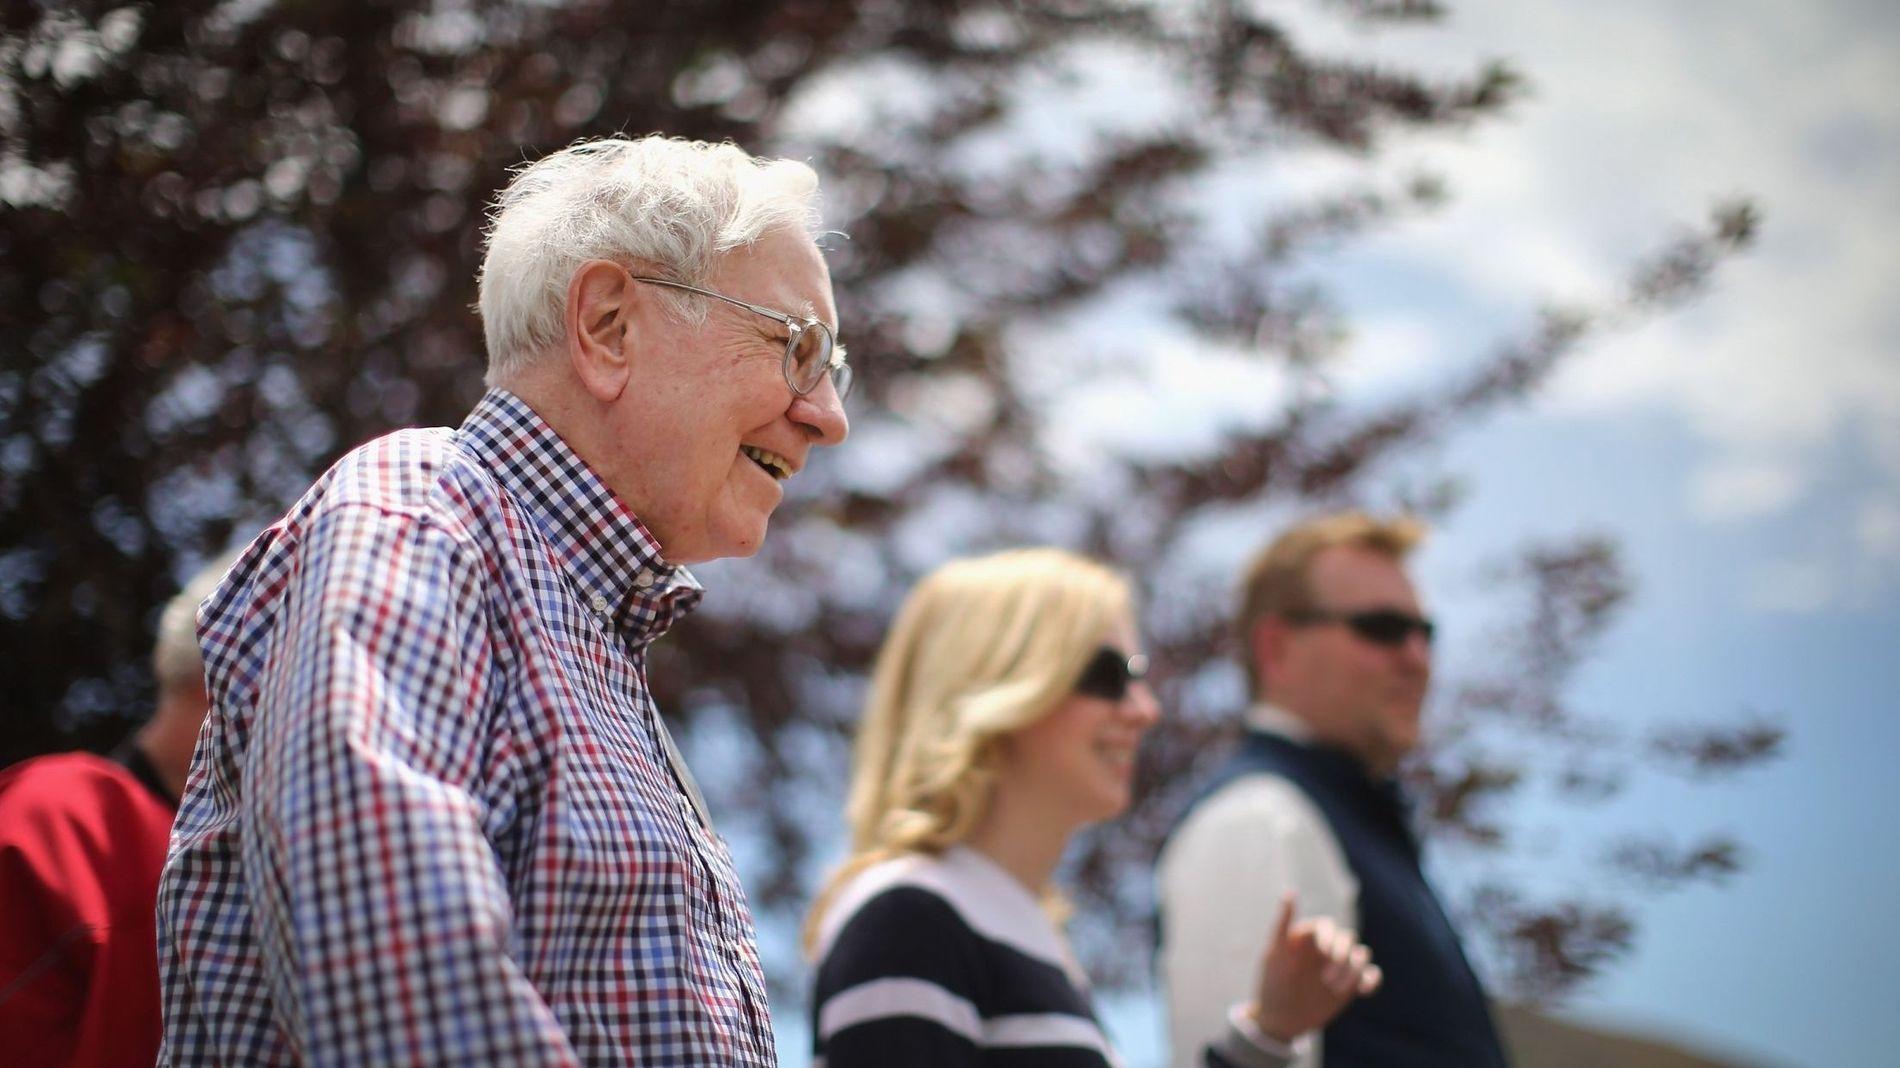 ORAKELET FRA OMAHA: Warren Buffett er ansett som en av verdens beste investorer, og er verdt 67,6 milliarder dollar, ifølge Forbes. Når «Orakelet fra Omaha» prater, lytter meglere verden rundt.